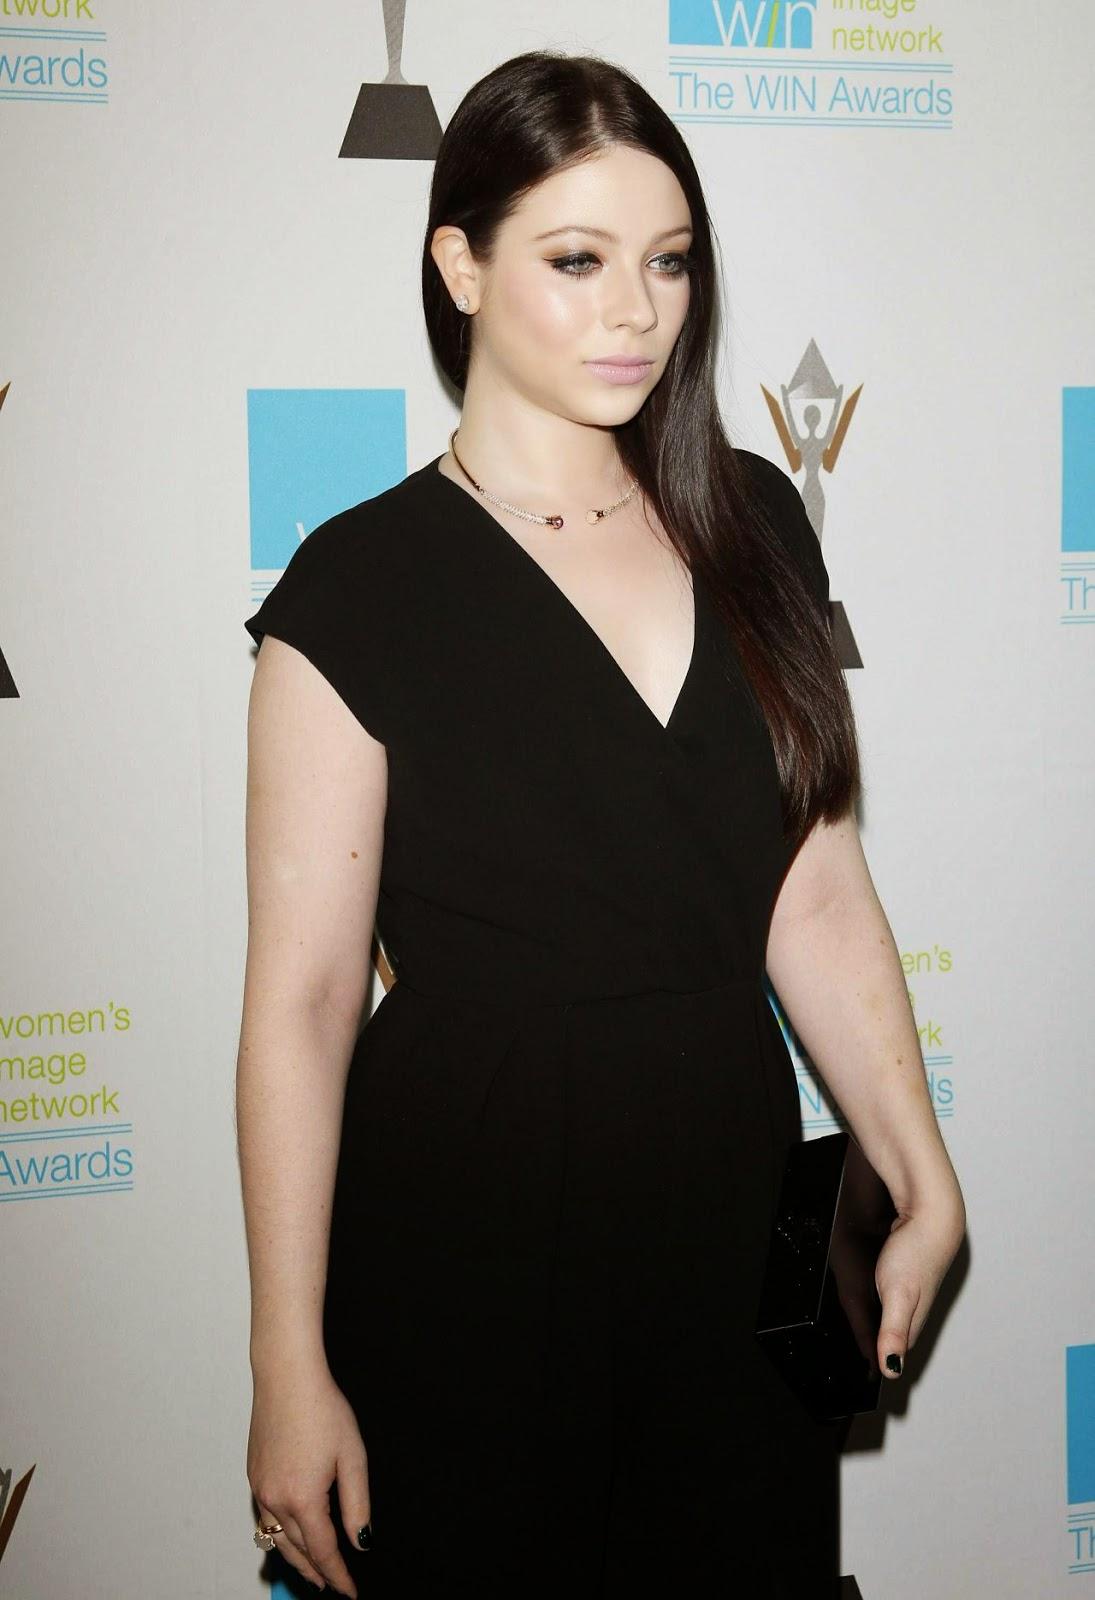 الممثلة الأمريكية ميشيل تراشتنبرغ خلال حضورها حفل جوائز Women's Image في بيفرلي هيلز